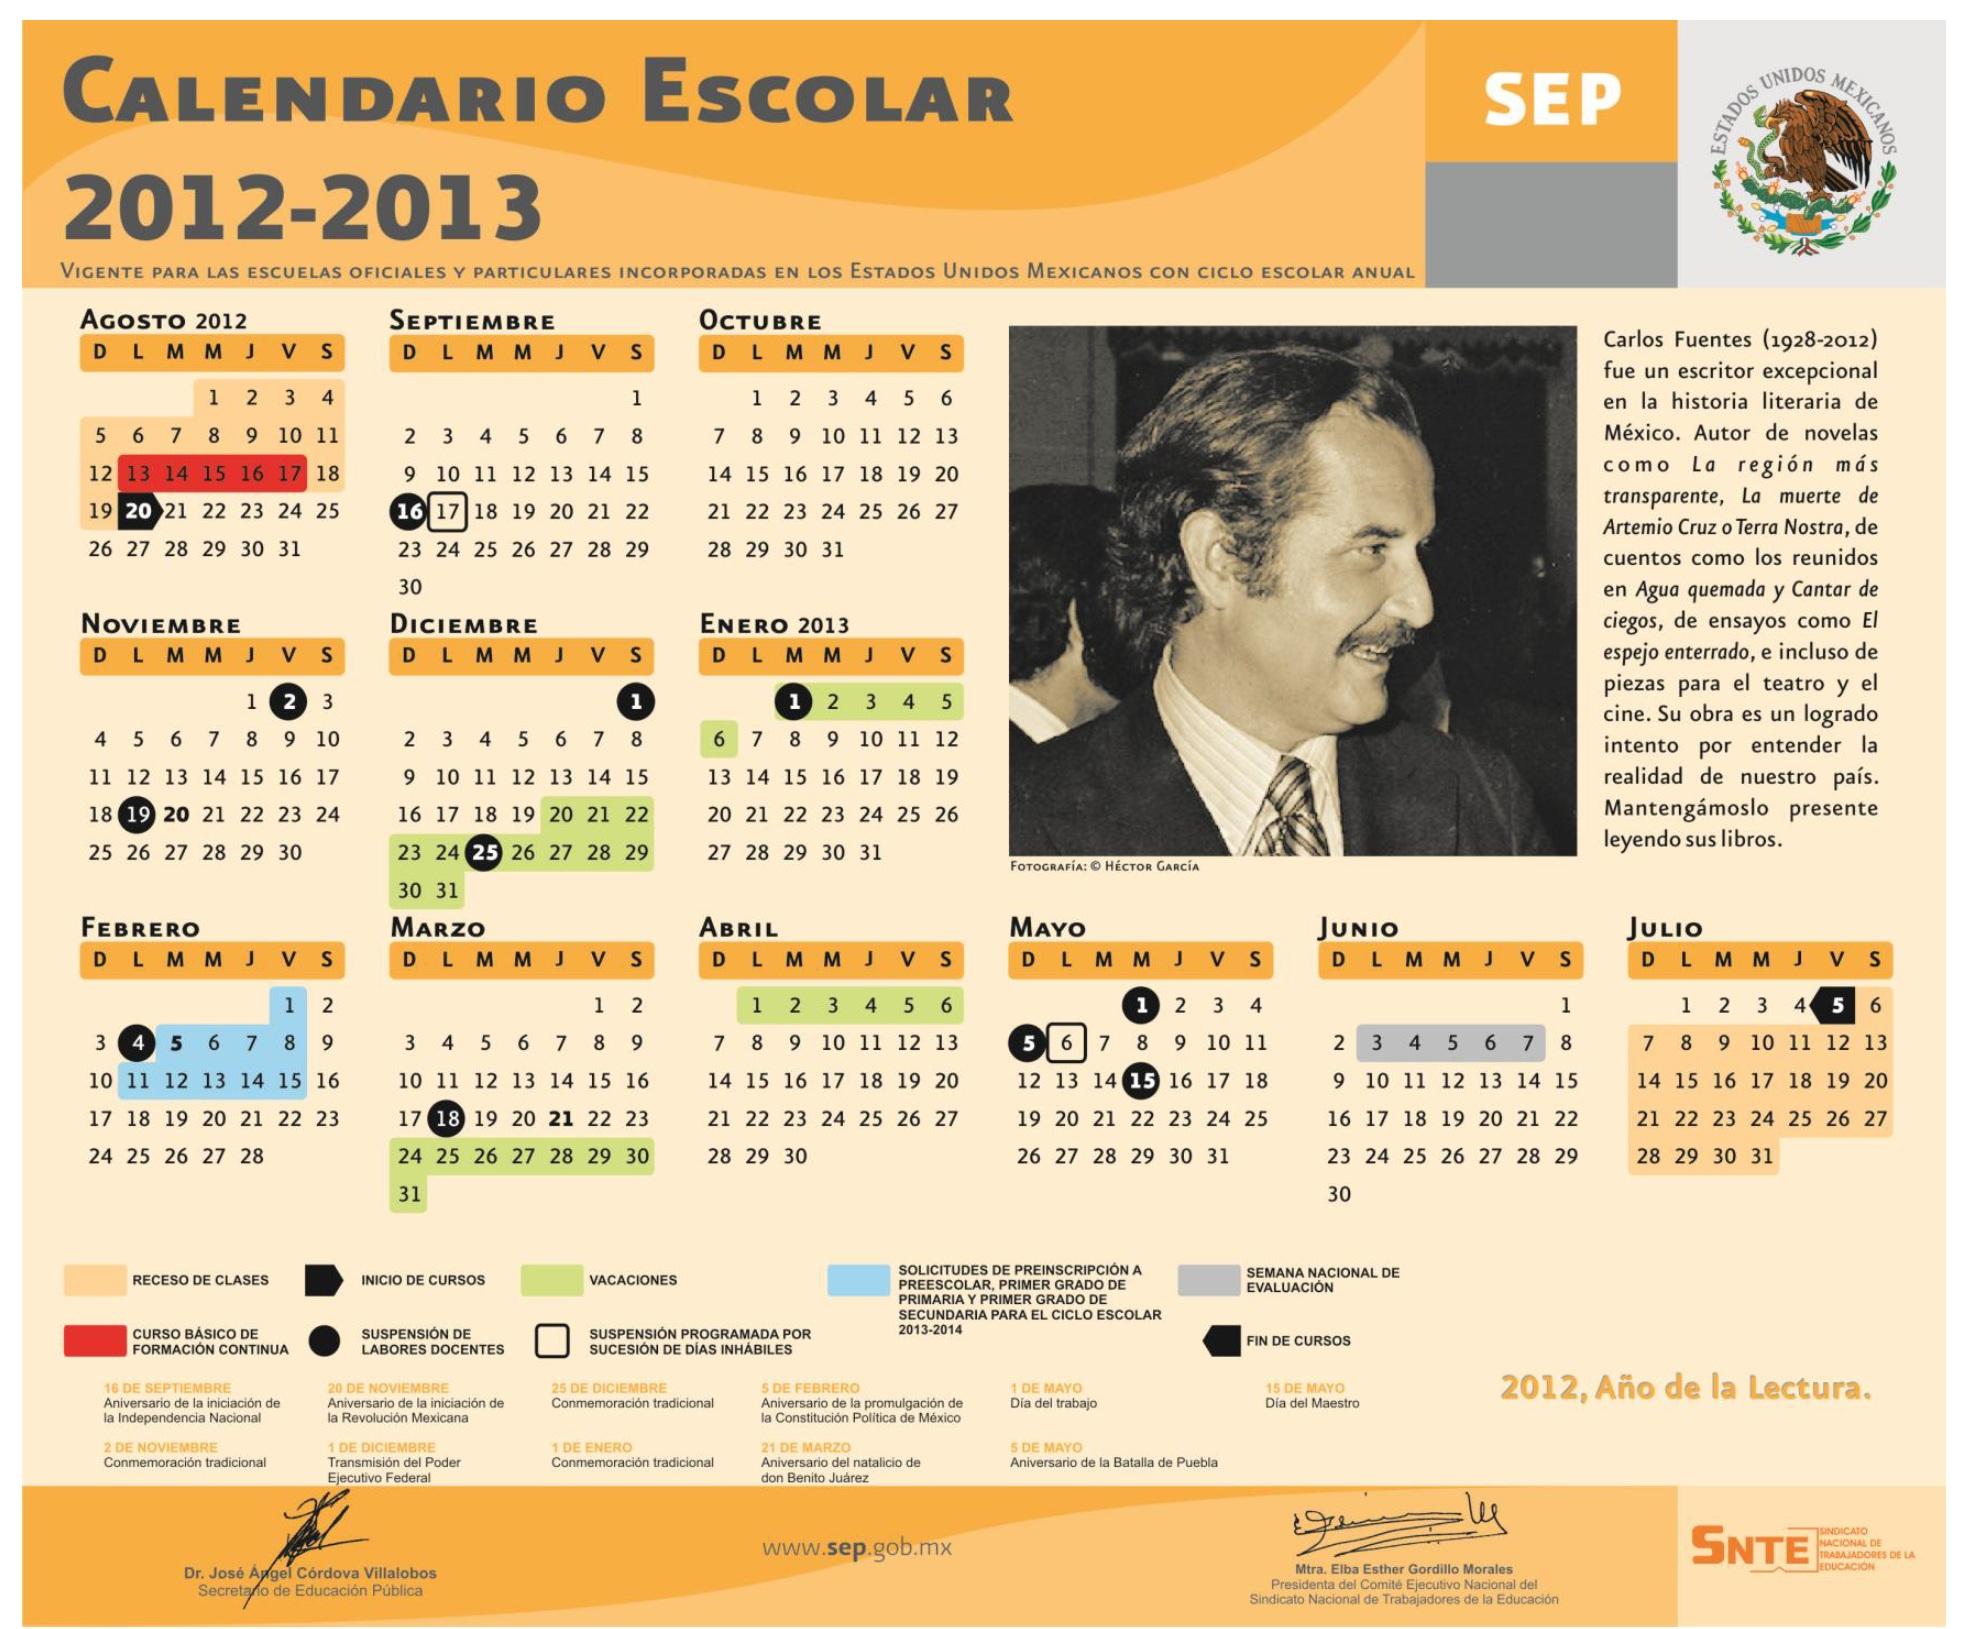 Calendario Escolar 2013 México | Universo Guia